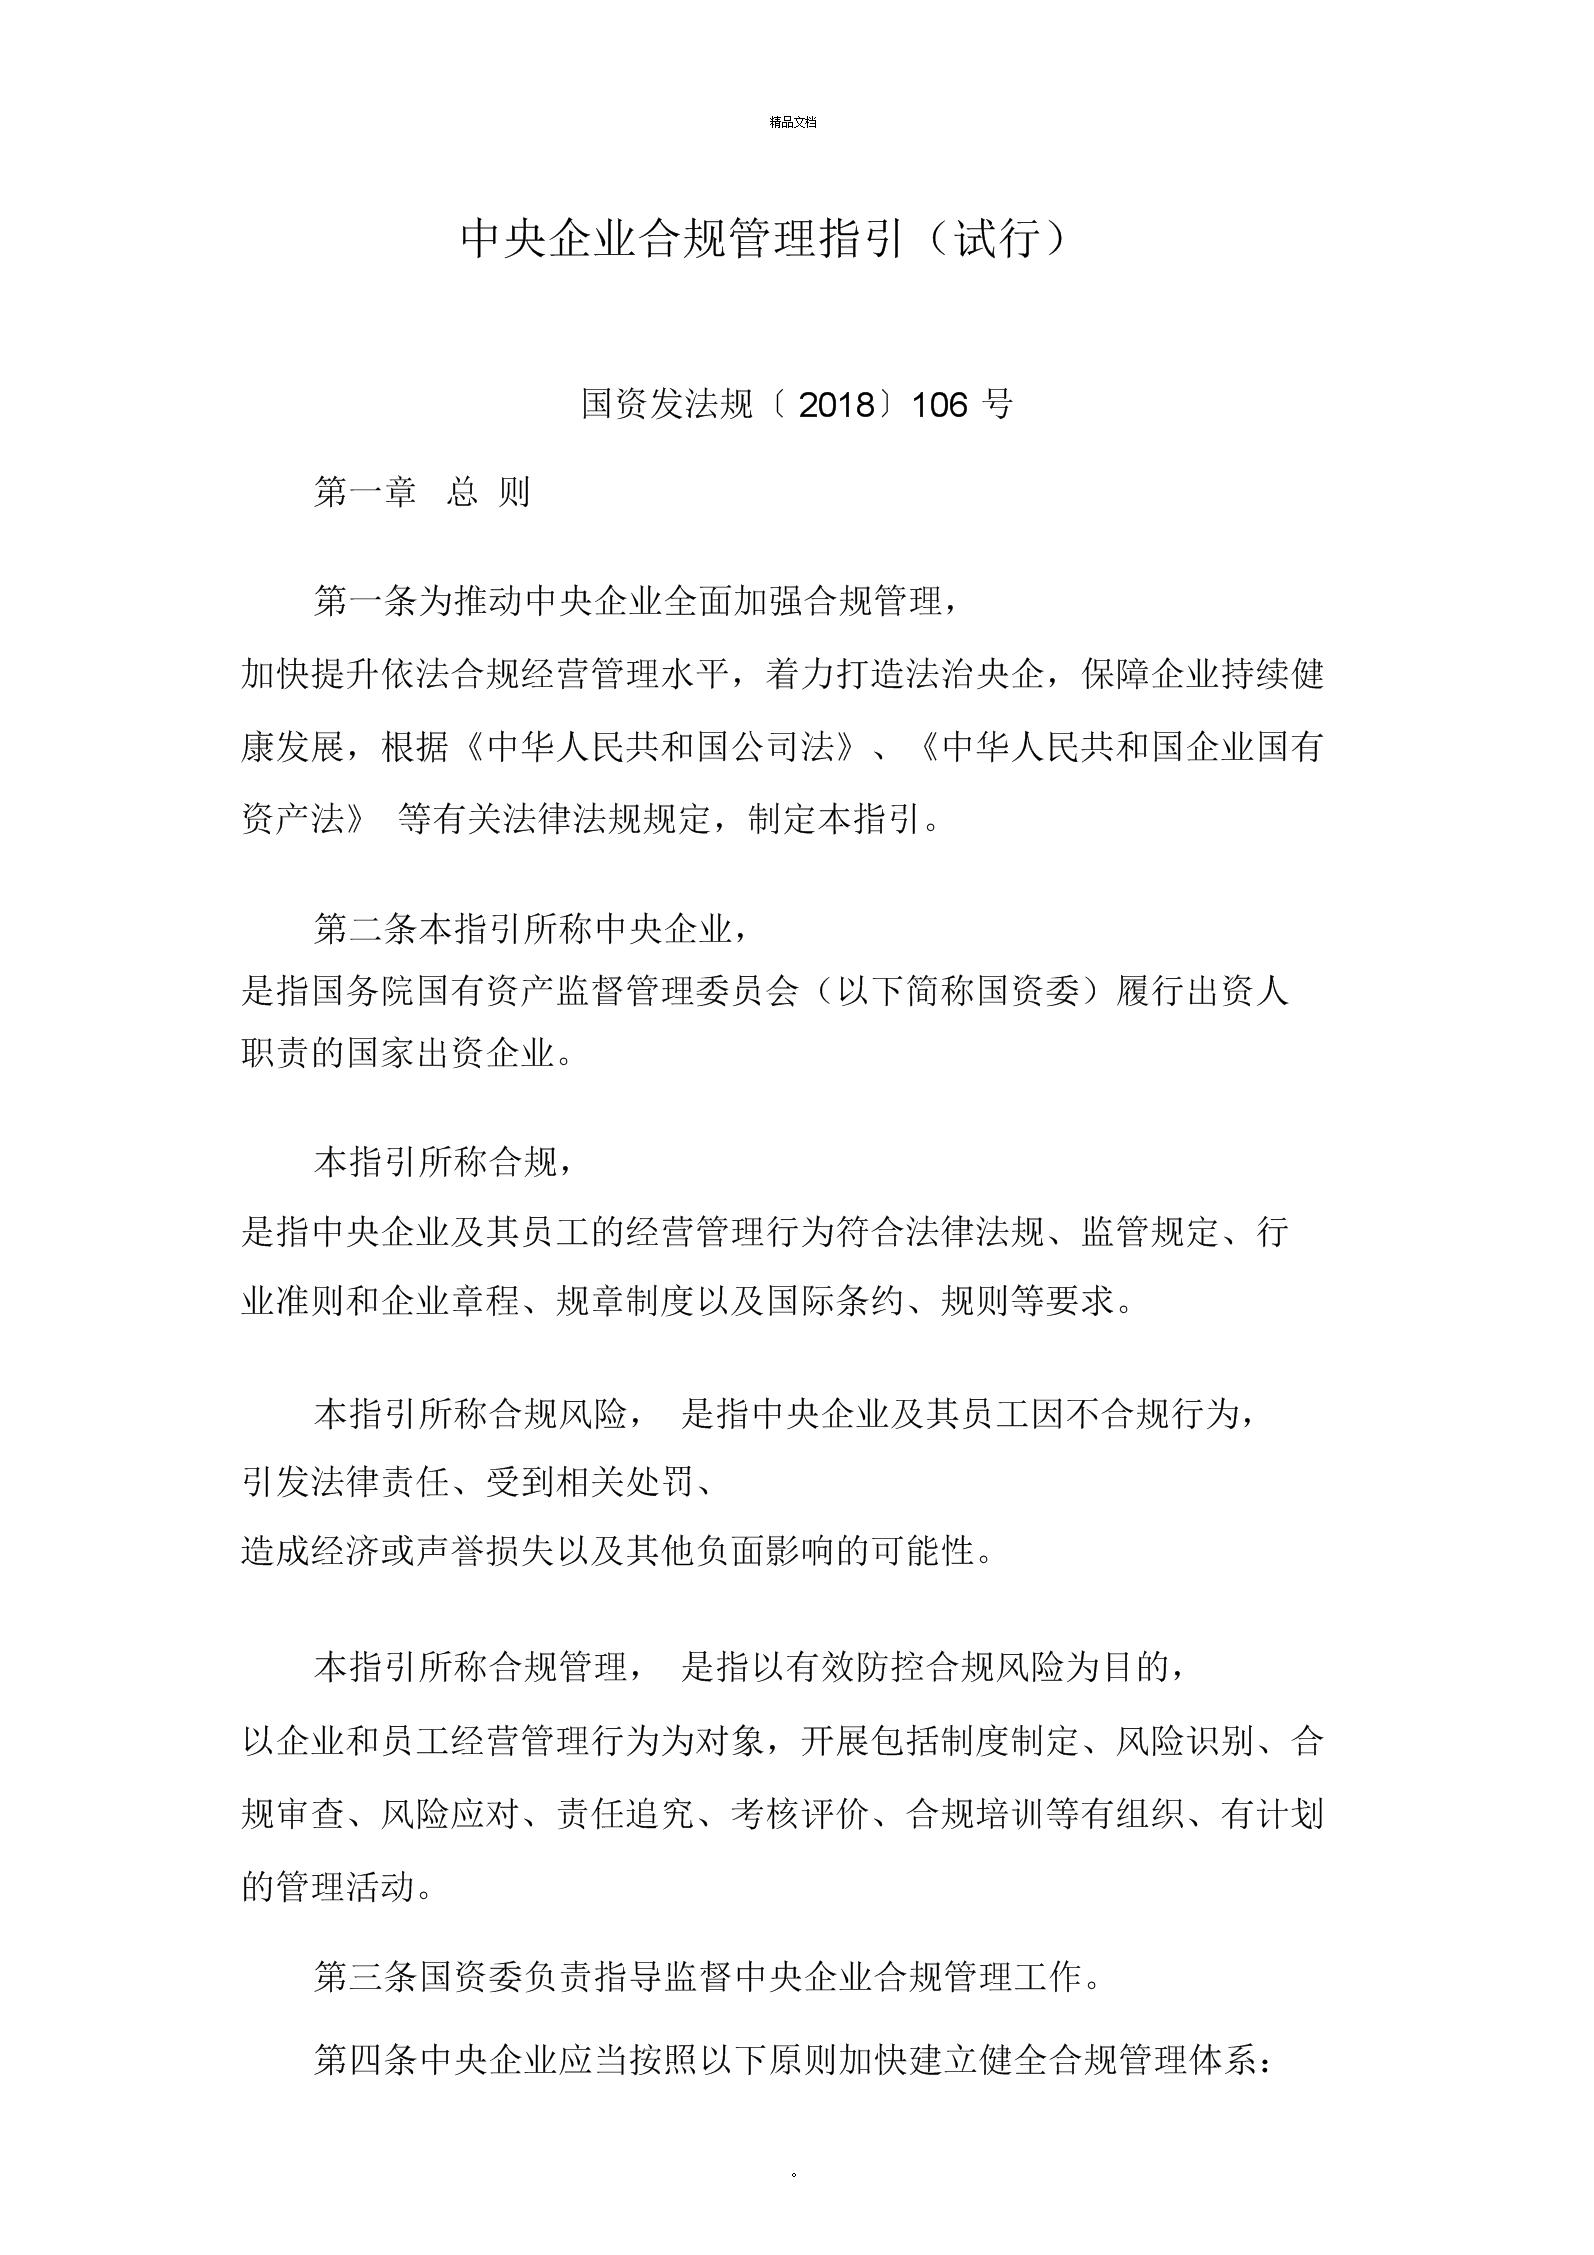 全文《中央企业合规管理指引试行》word版.doc